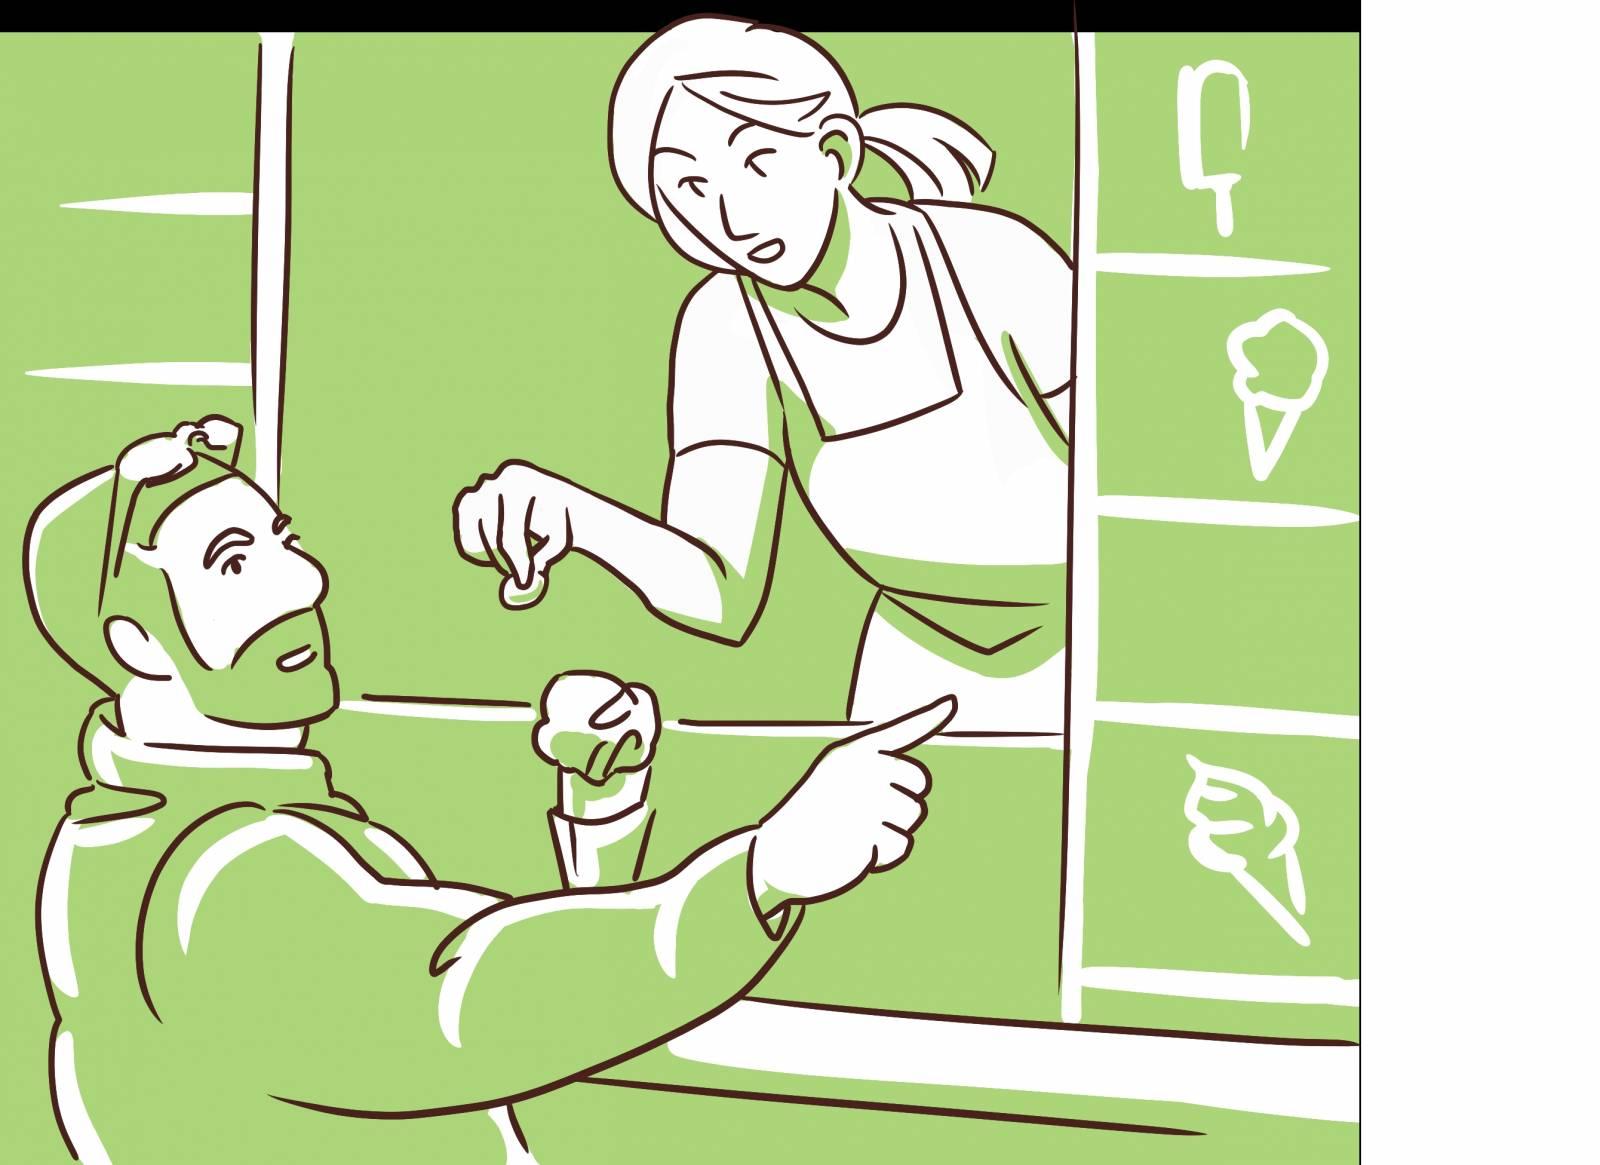 Sarjakuvataitelija Eeva Säilän artikkelikokoelmaan piirtämä kuva arjen vuorovaikutustilanteesta